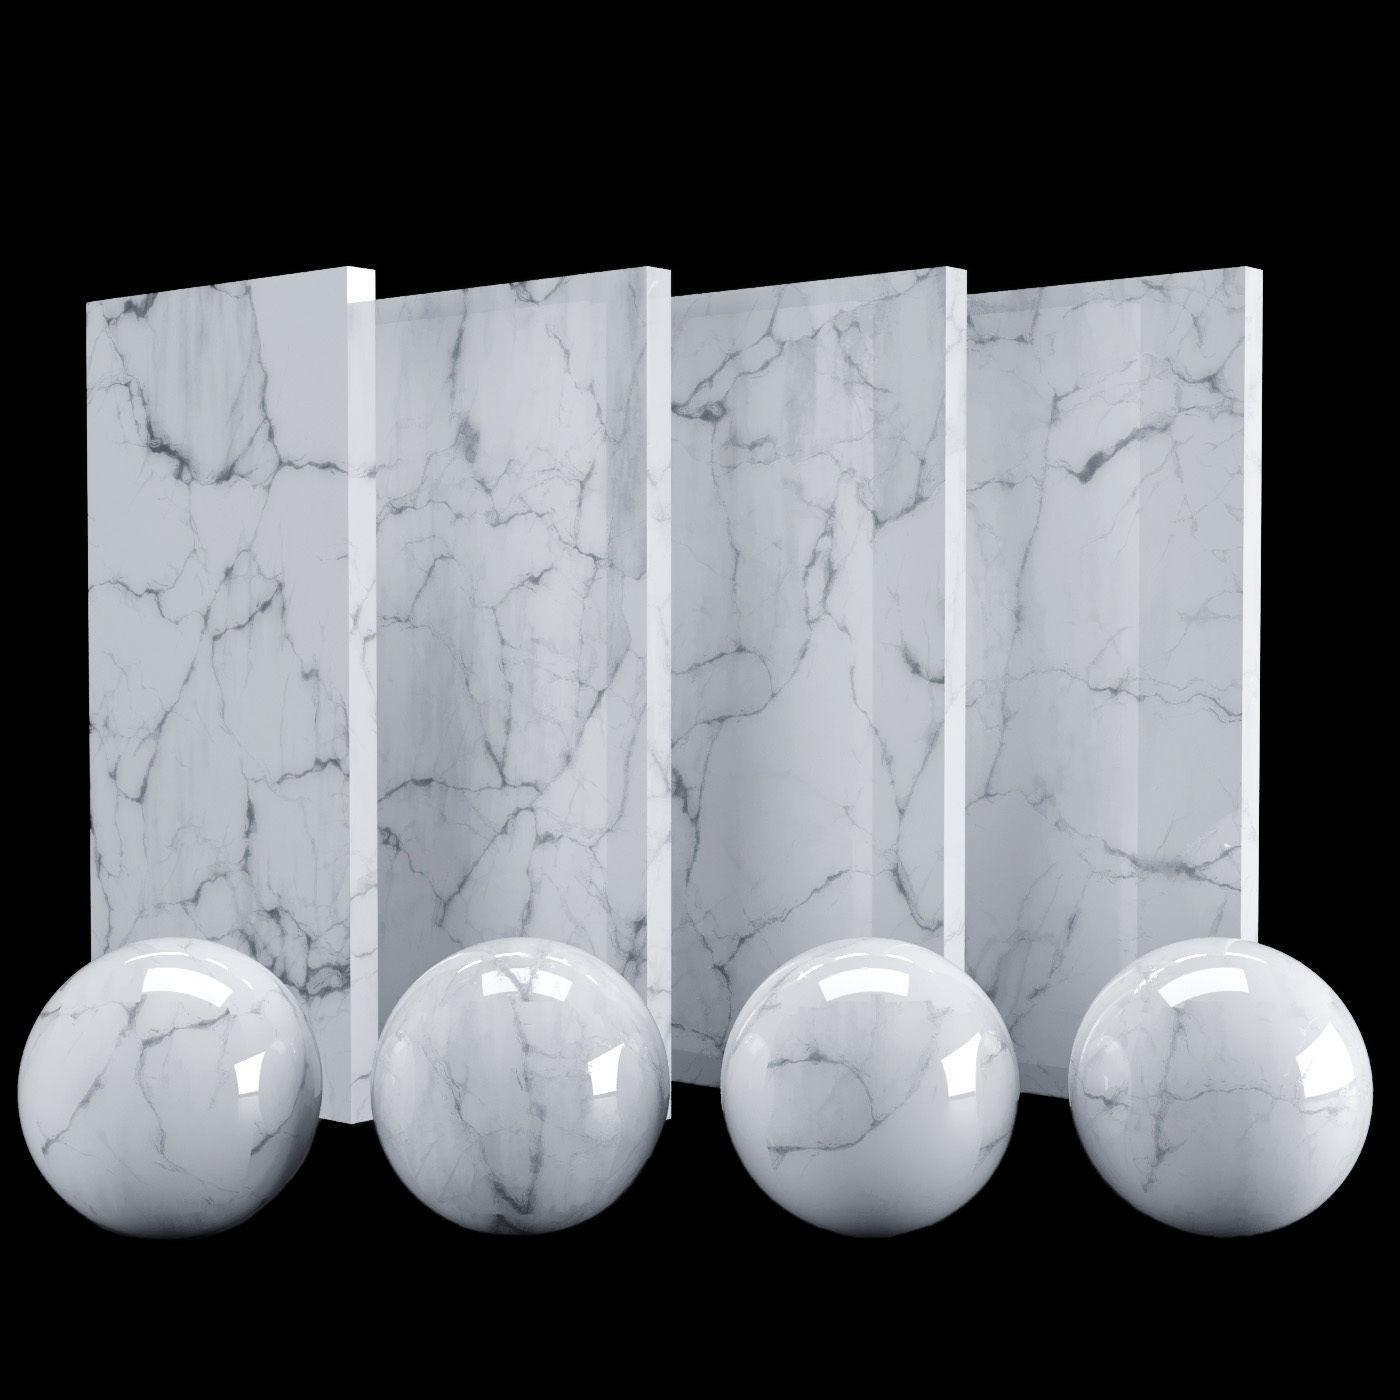 White Carrara Marble Texture Pbr